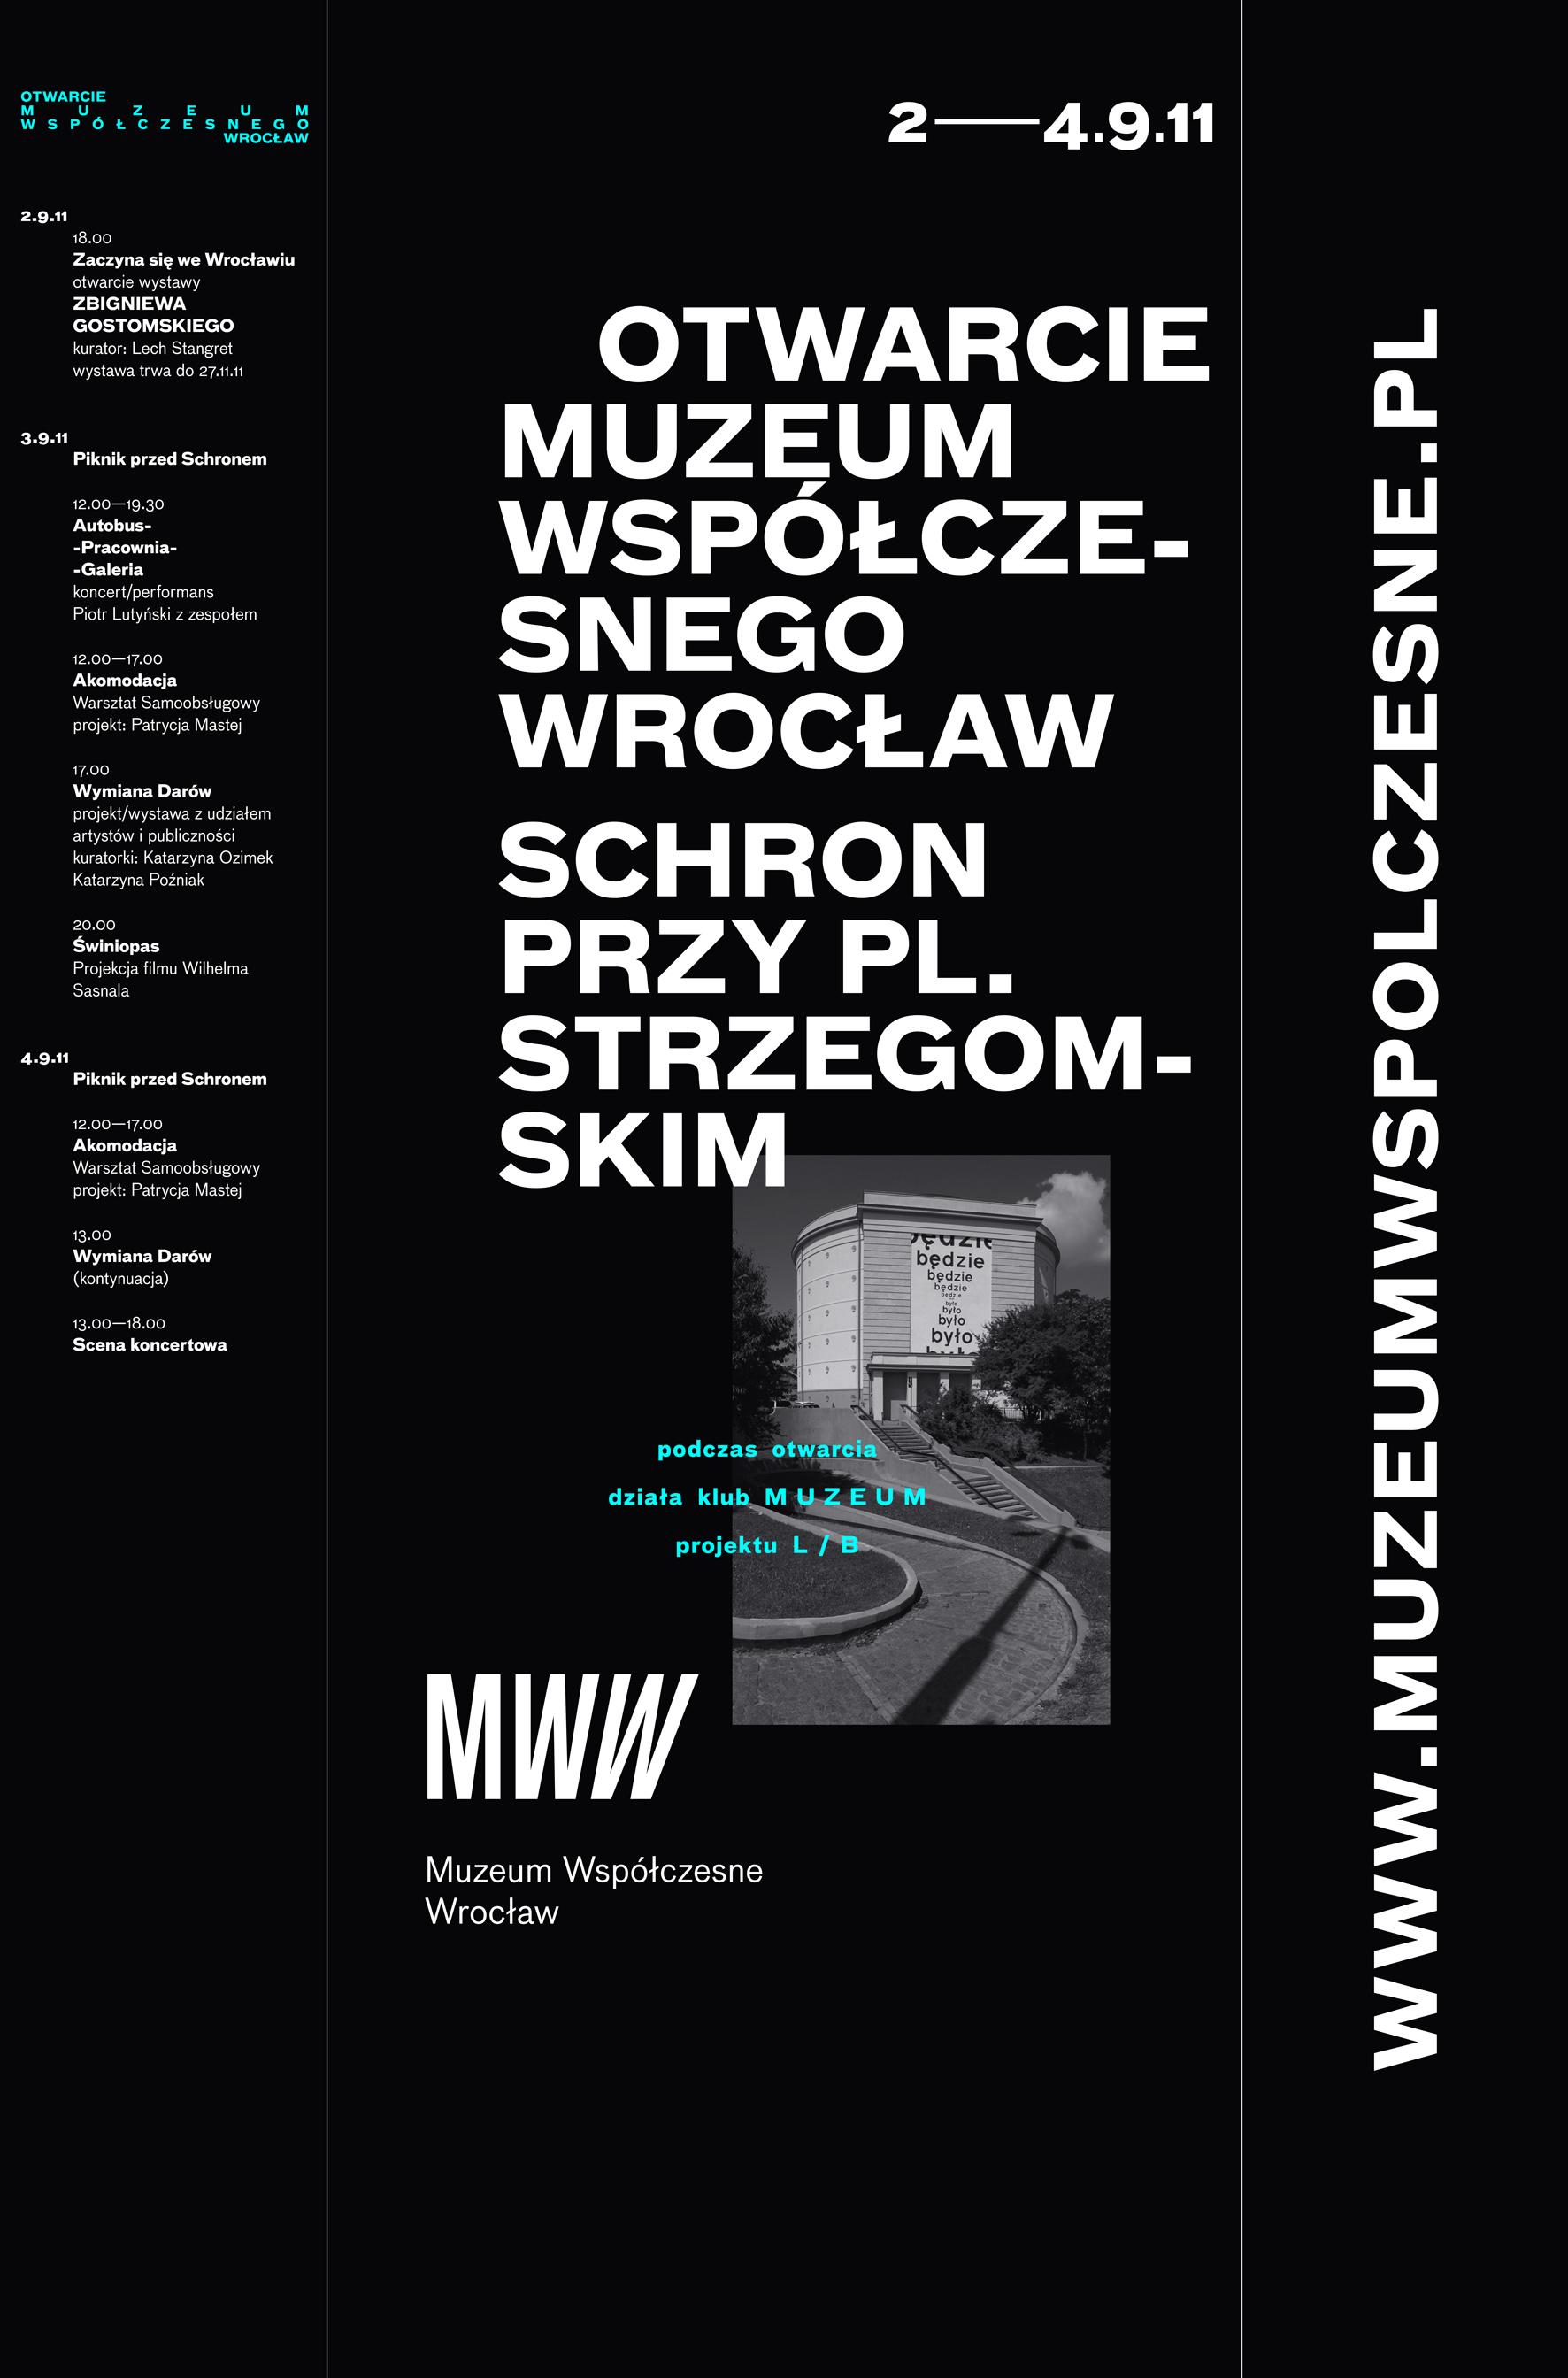 Program otwarcia MWW, materiały prasowe MWW